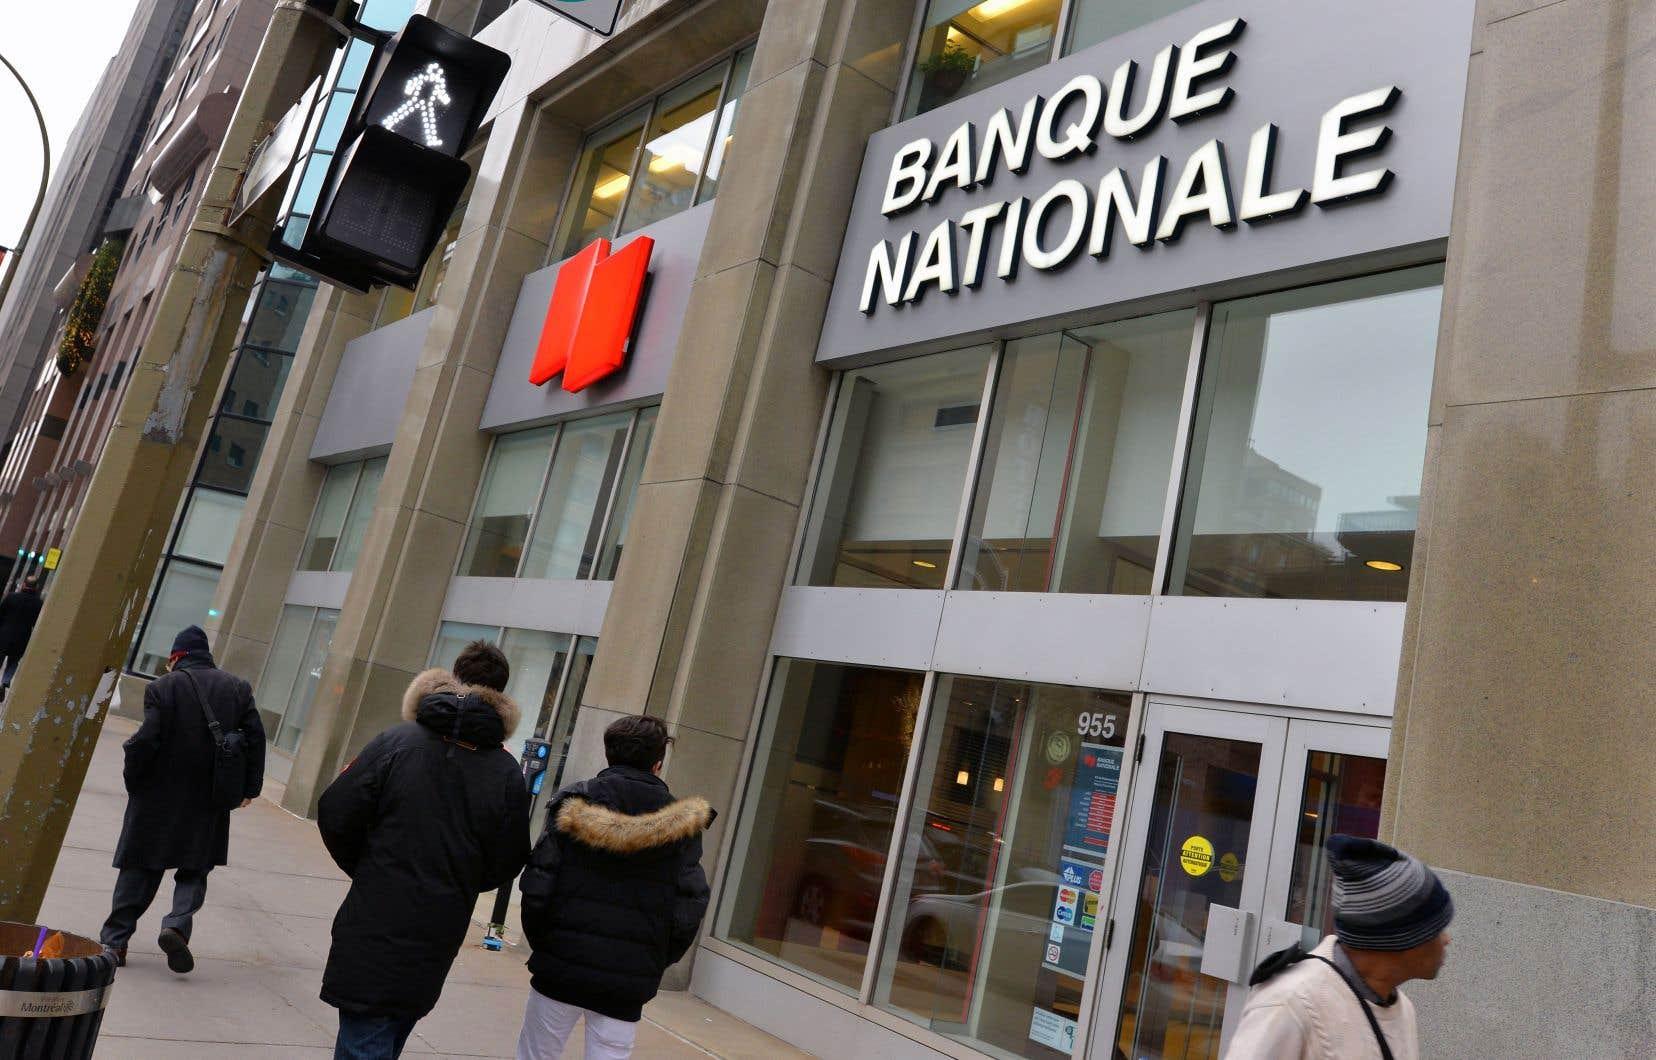 La Banque Nationale a dit avoir connu une «très bonne année» en ce qui a trait à l'acquisition nette de clients.